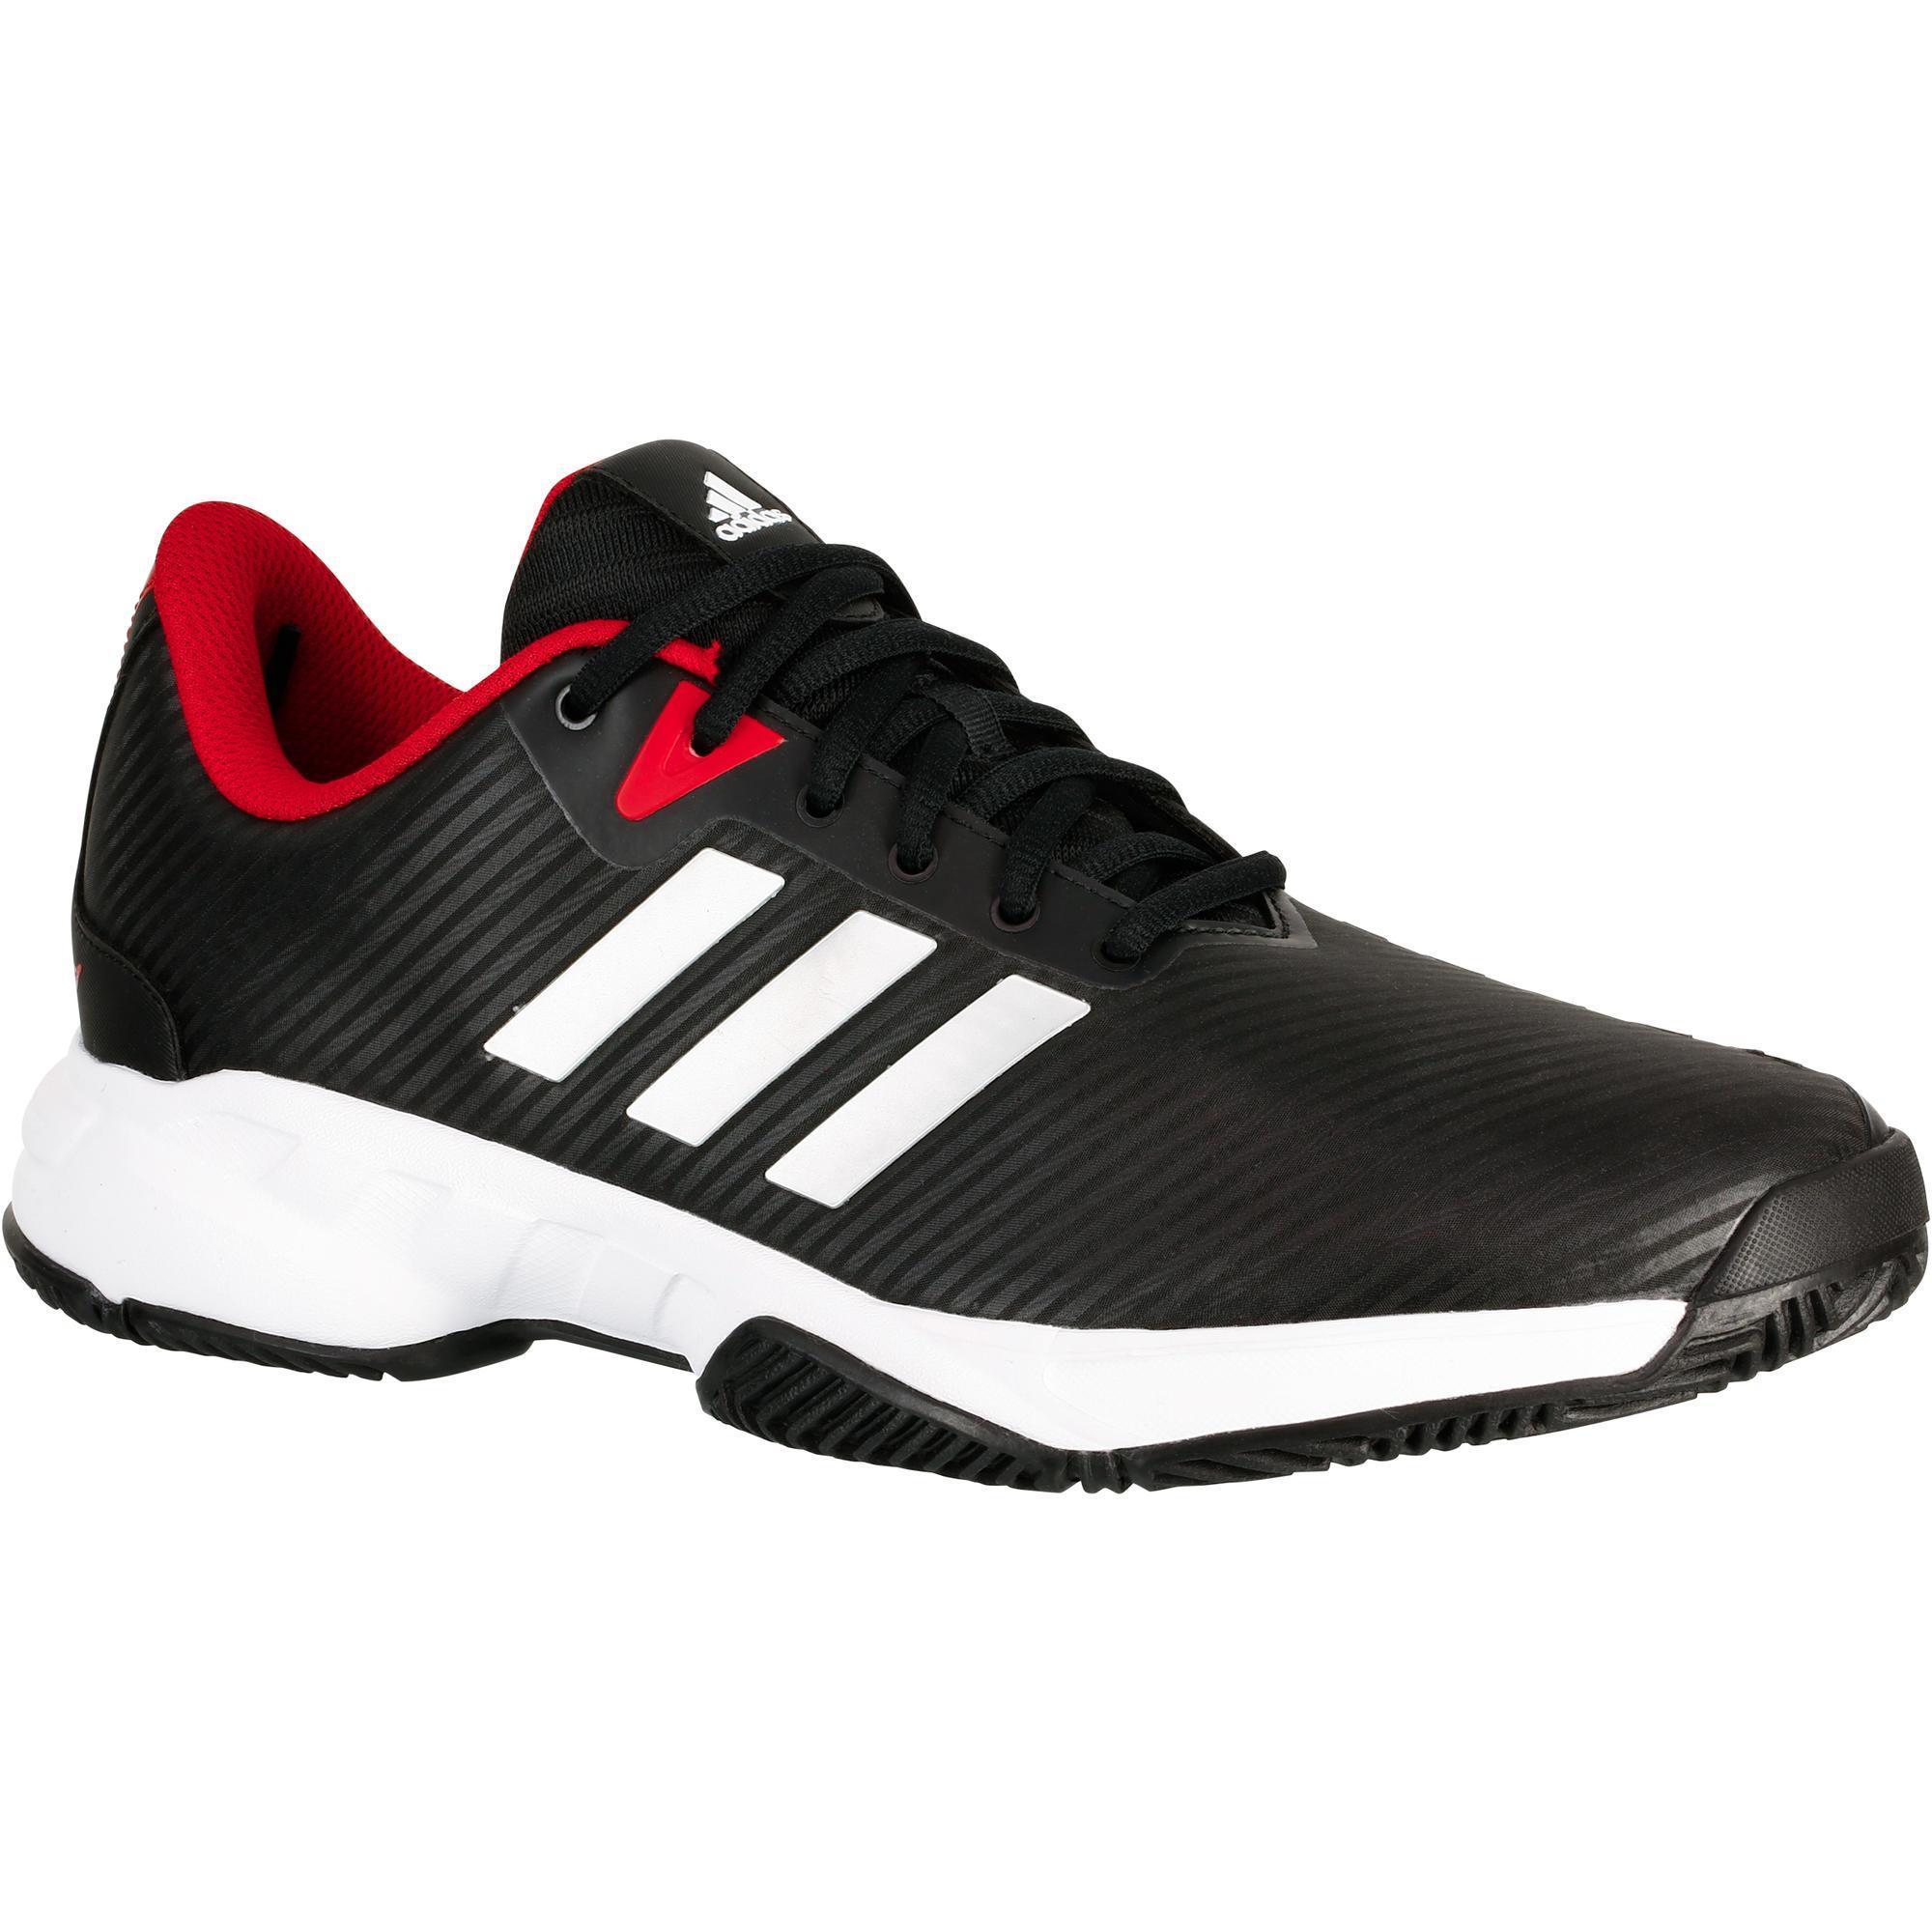 3e79305ca8 Adidas